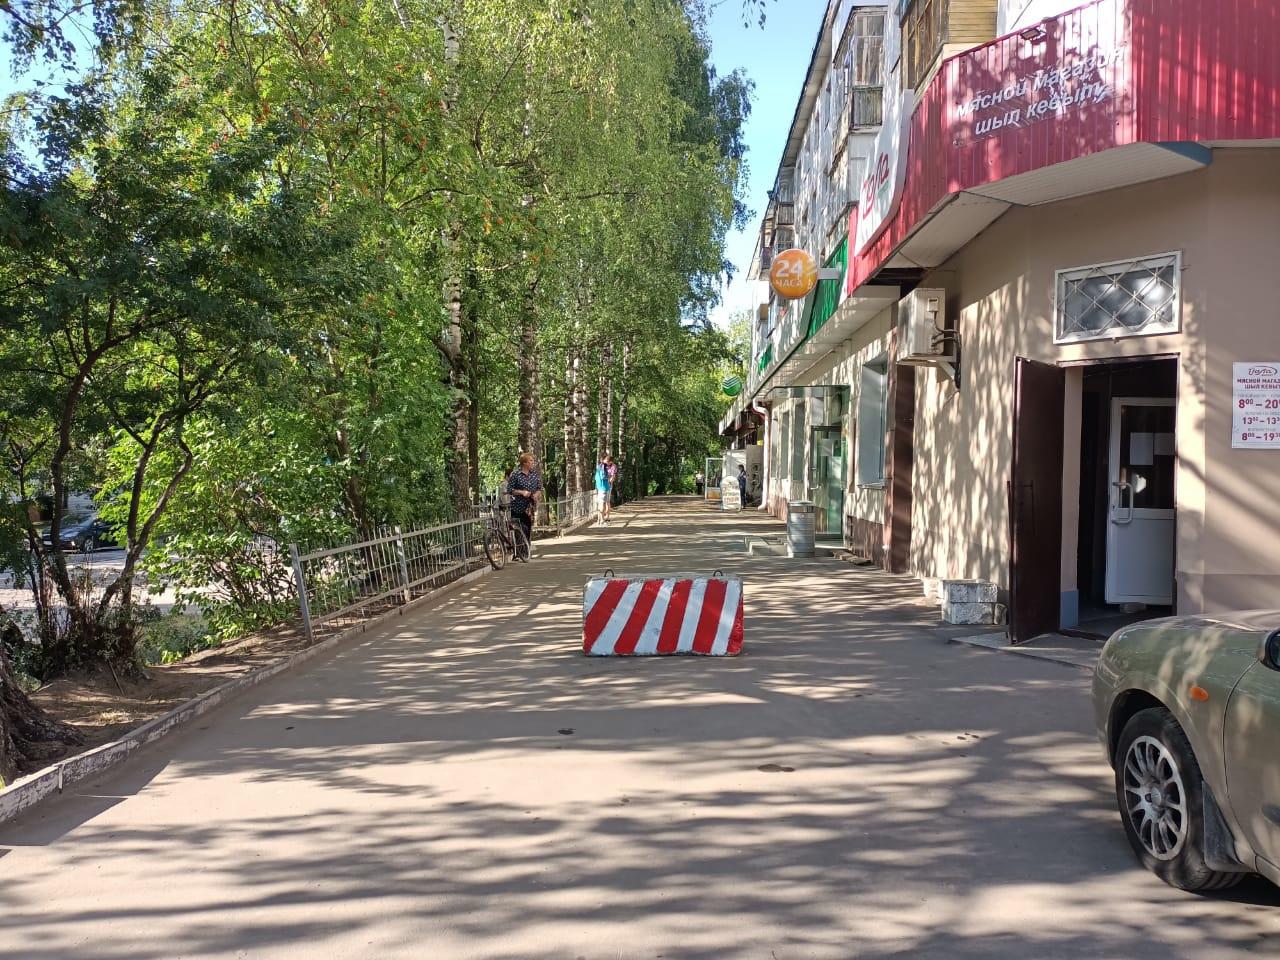 В Йошкар-Оле установили бетонный блок для разграничения разгрузки товара у магазина